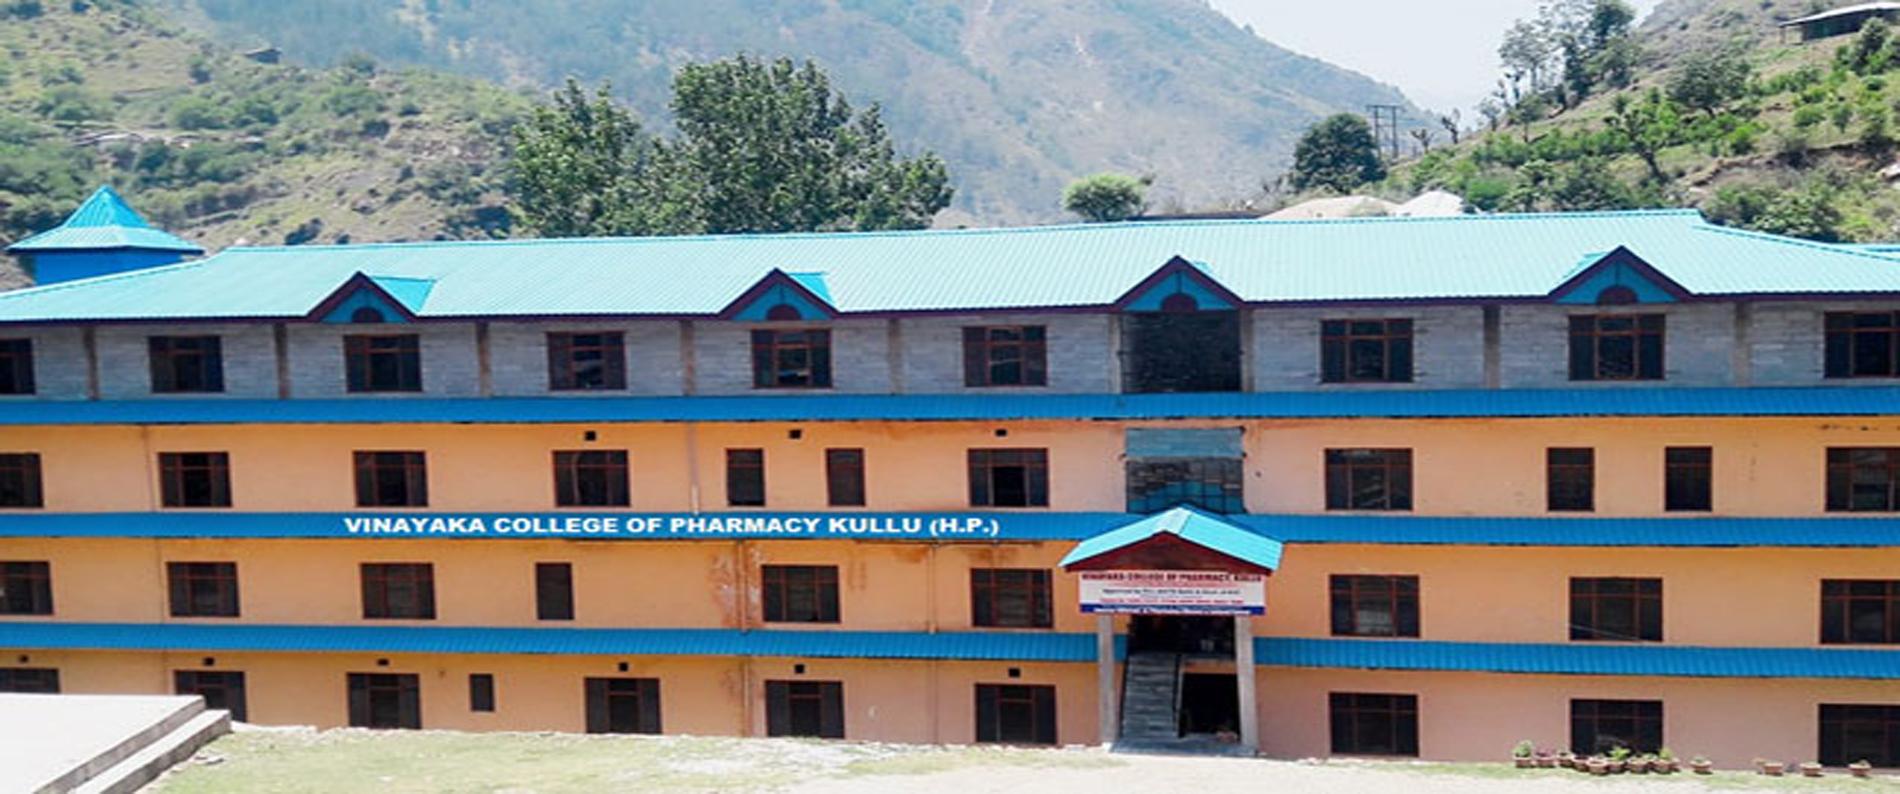 Vinayaka College of Pharmacy, Kullu